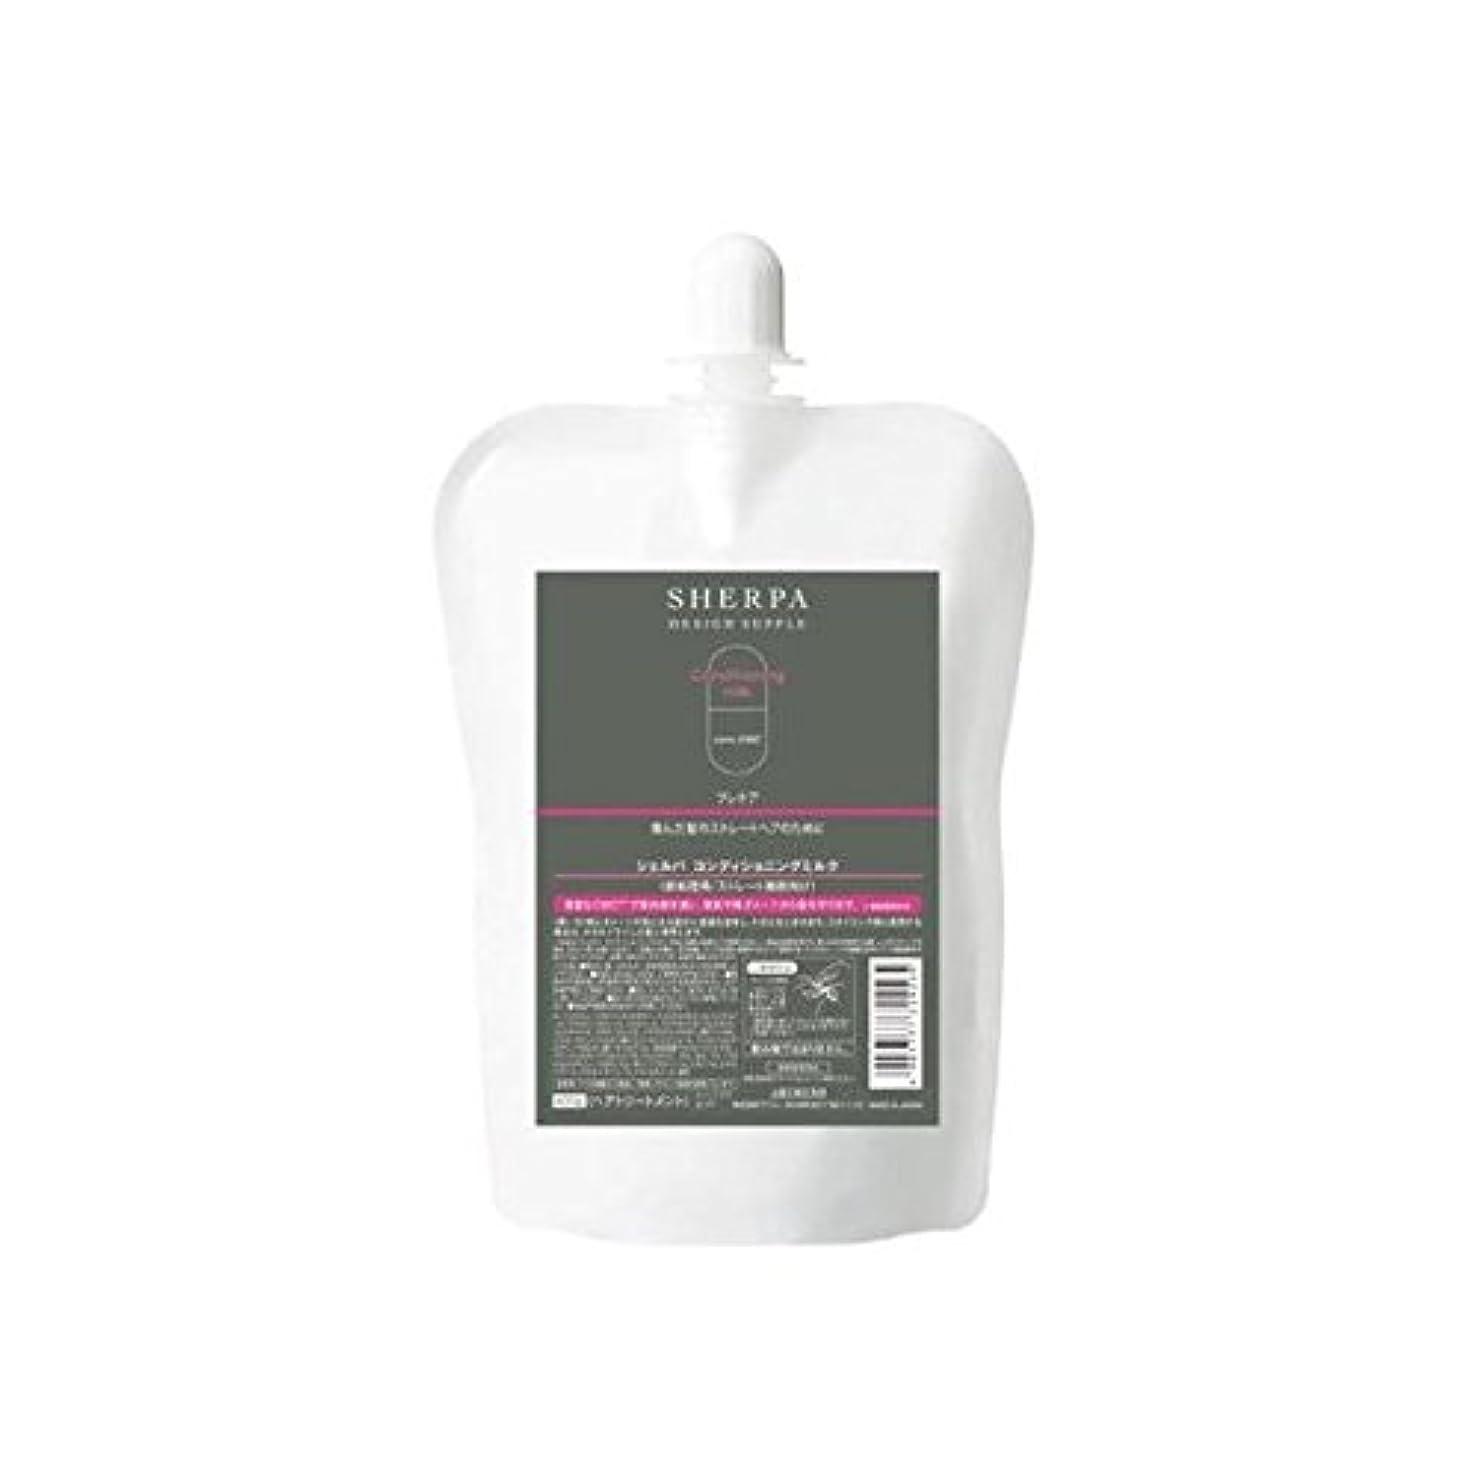 フォローウイルスロータリーシェルパ コンディショニングミルク 400gリフィル